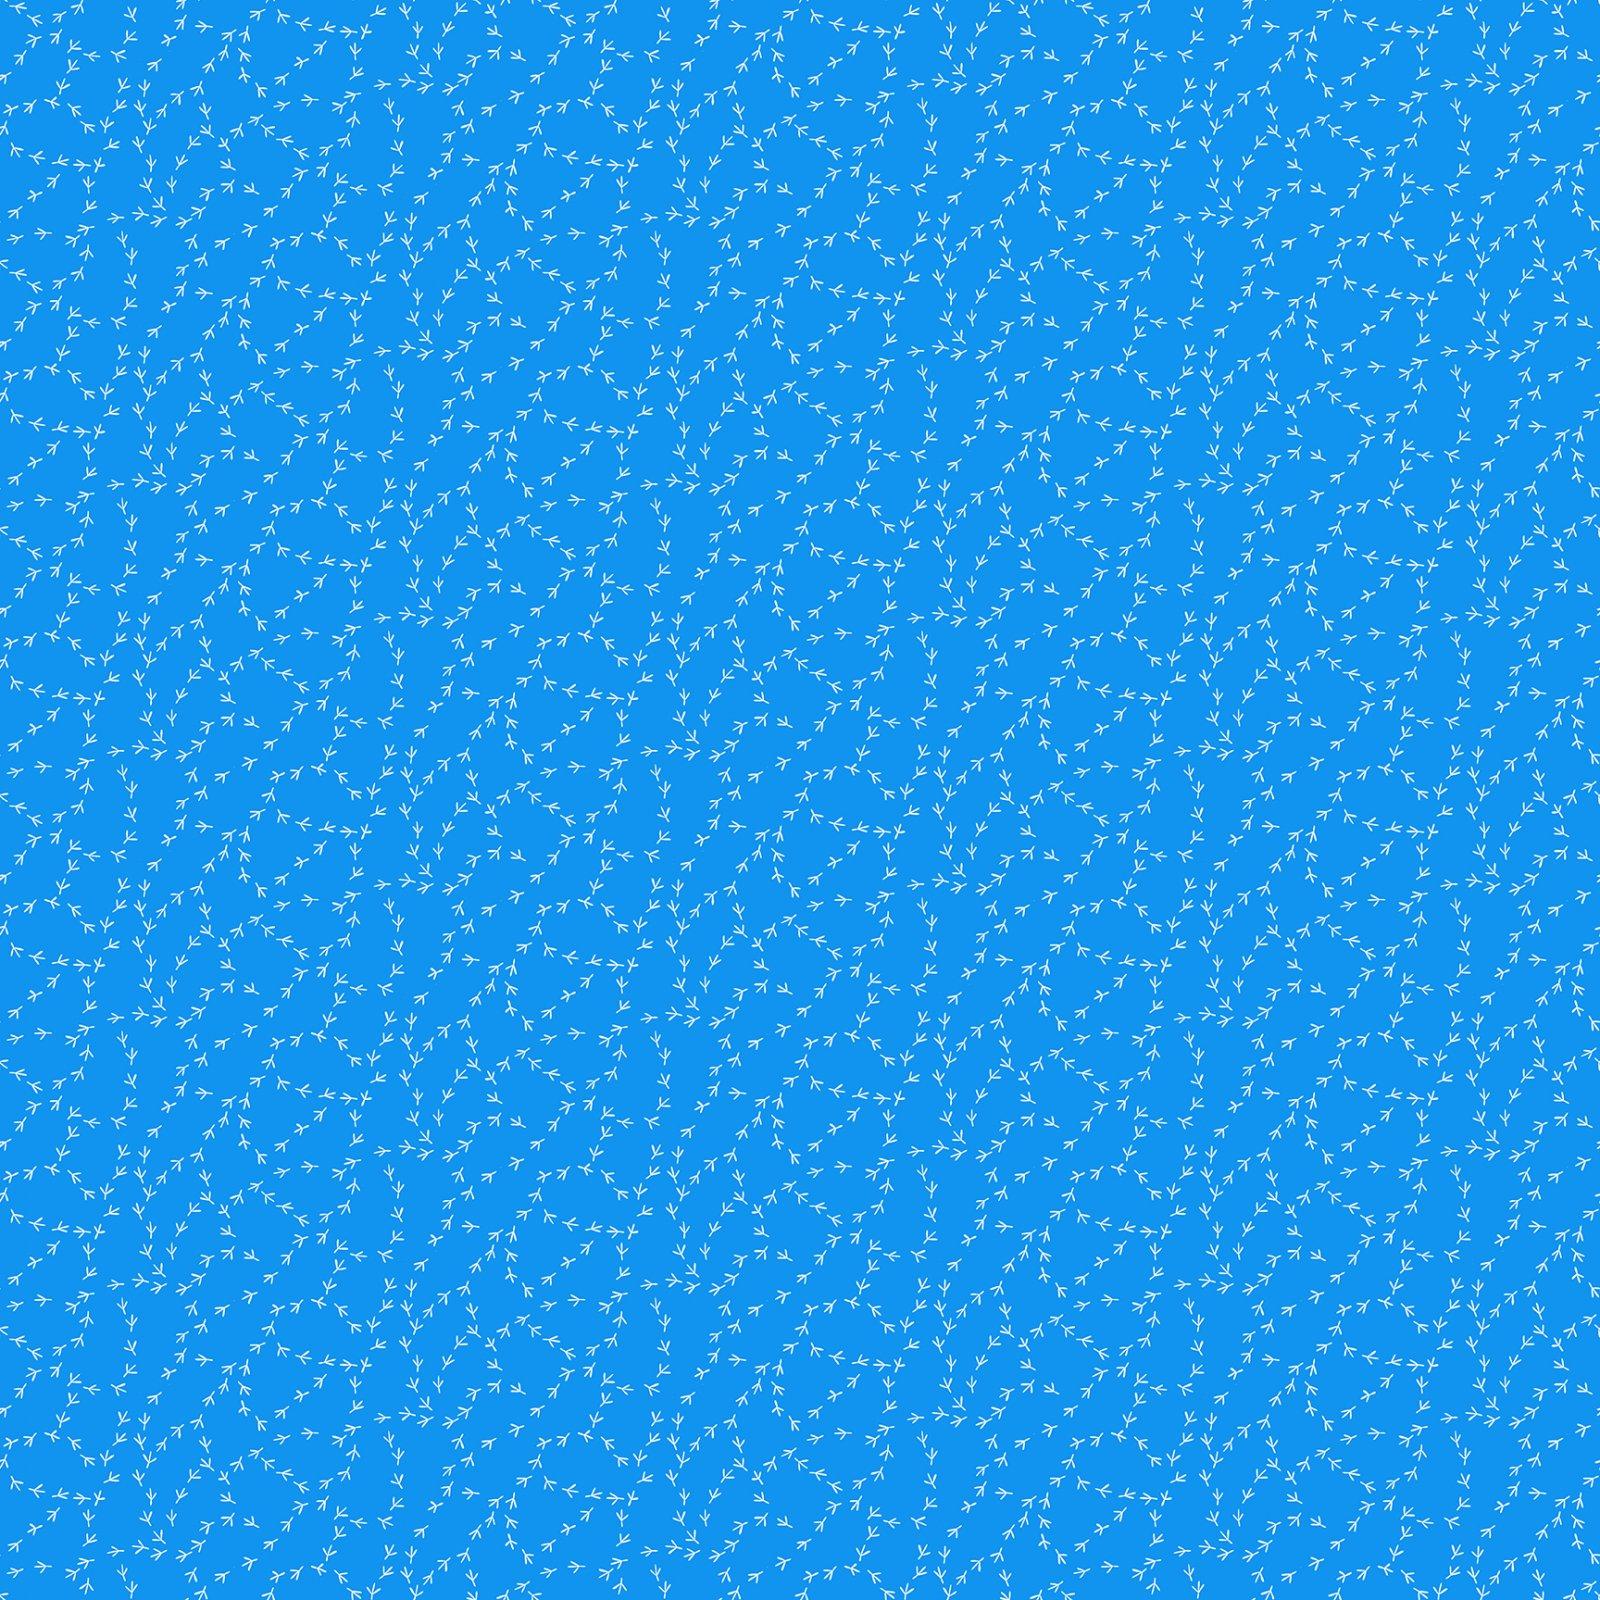 Blue tracks